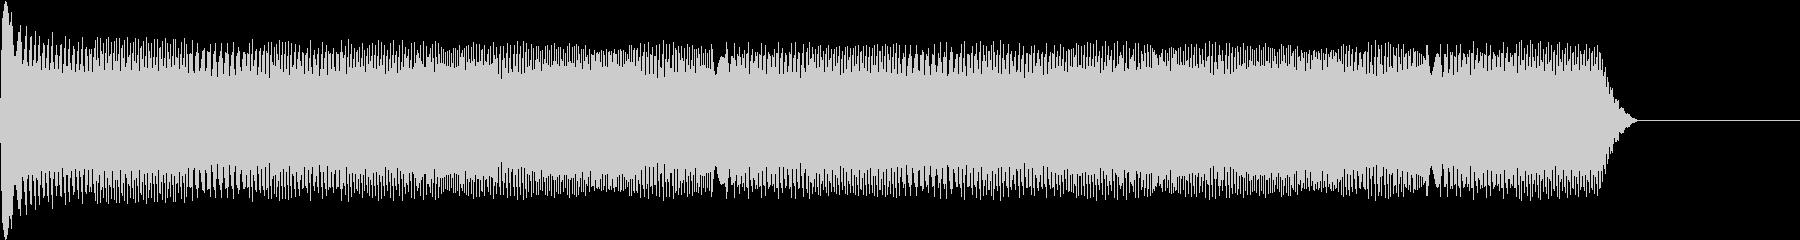 AnimeFX 無線がおかしくなった音2の未再生の波形